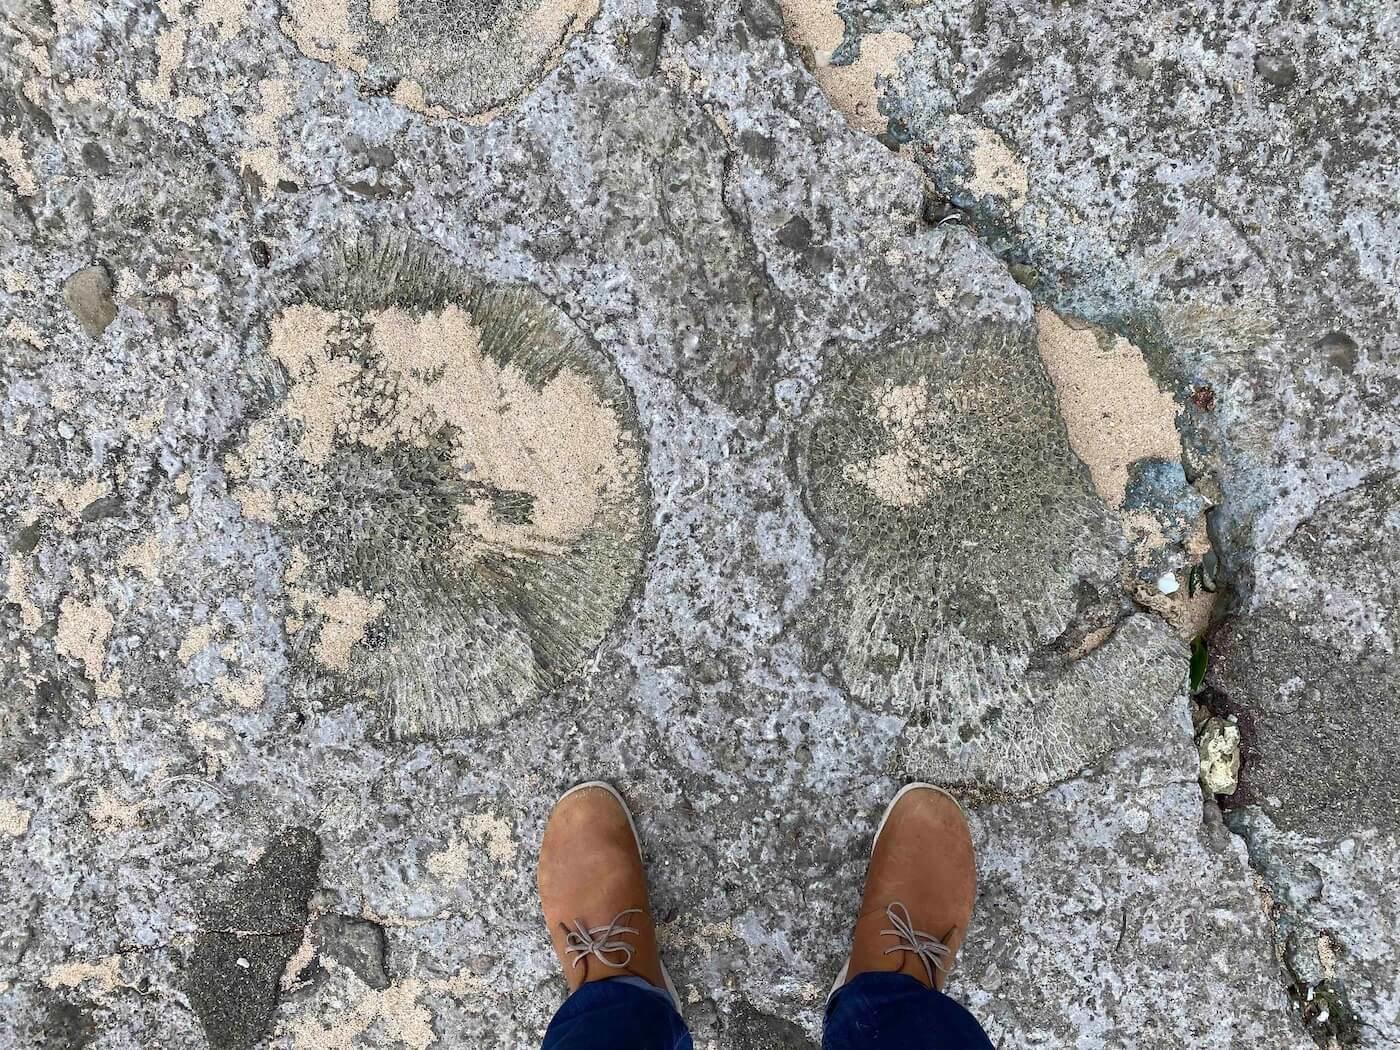 海岸で見つけたキクメイシ科サンゴが埋没した岩盤